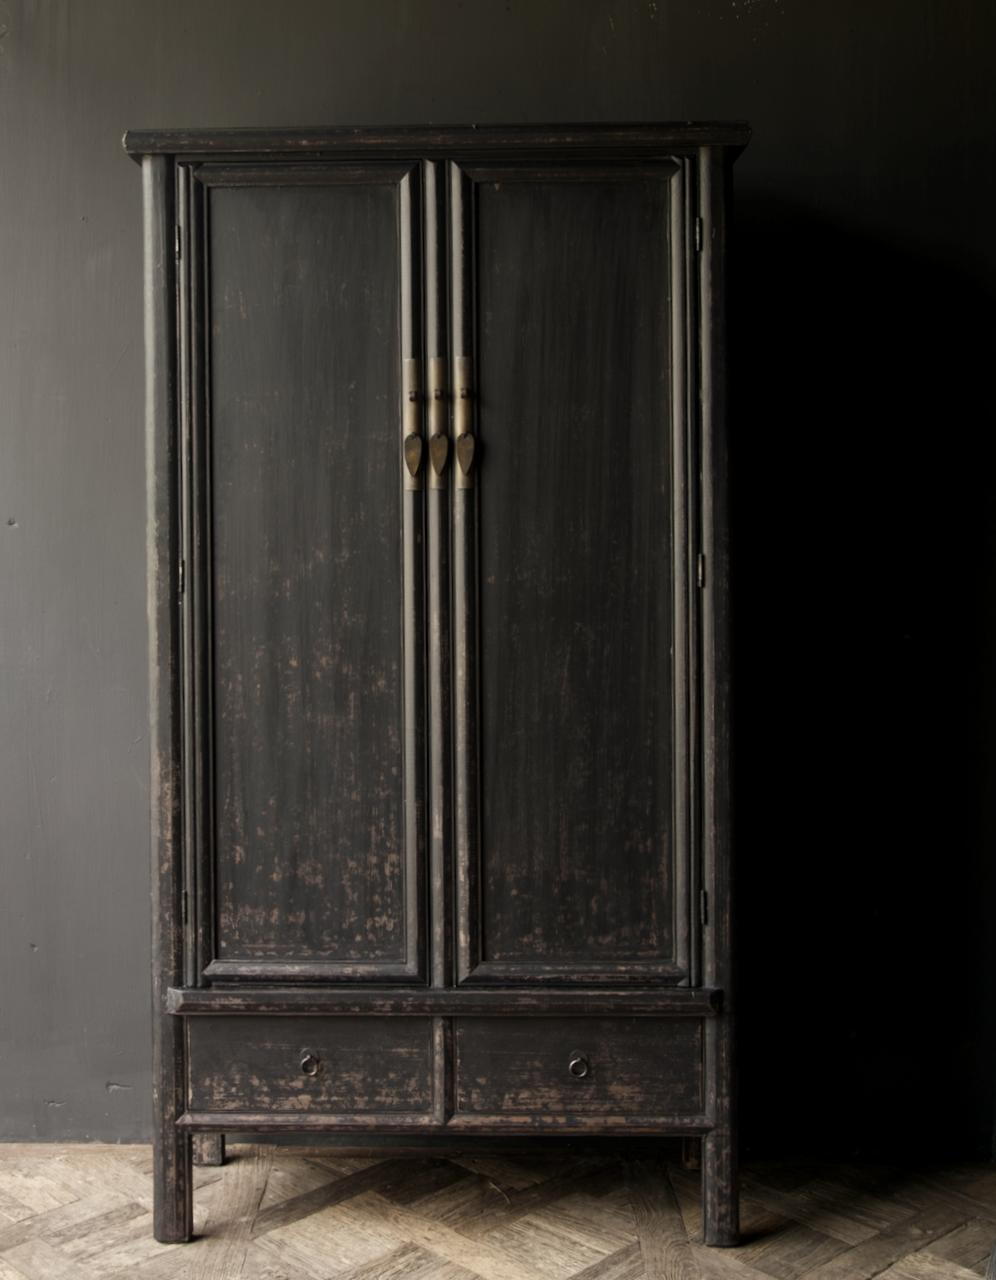 Schöner Tough Rural alter Holzschrank mit zwei Türen-4